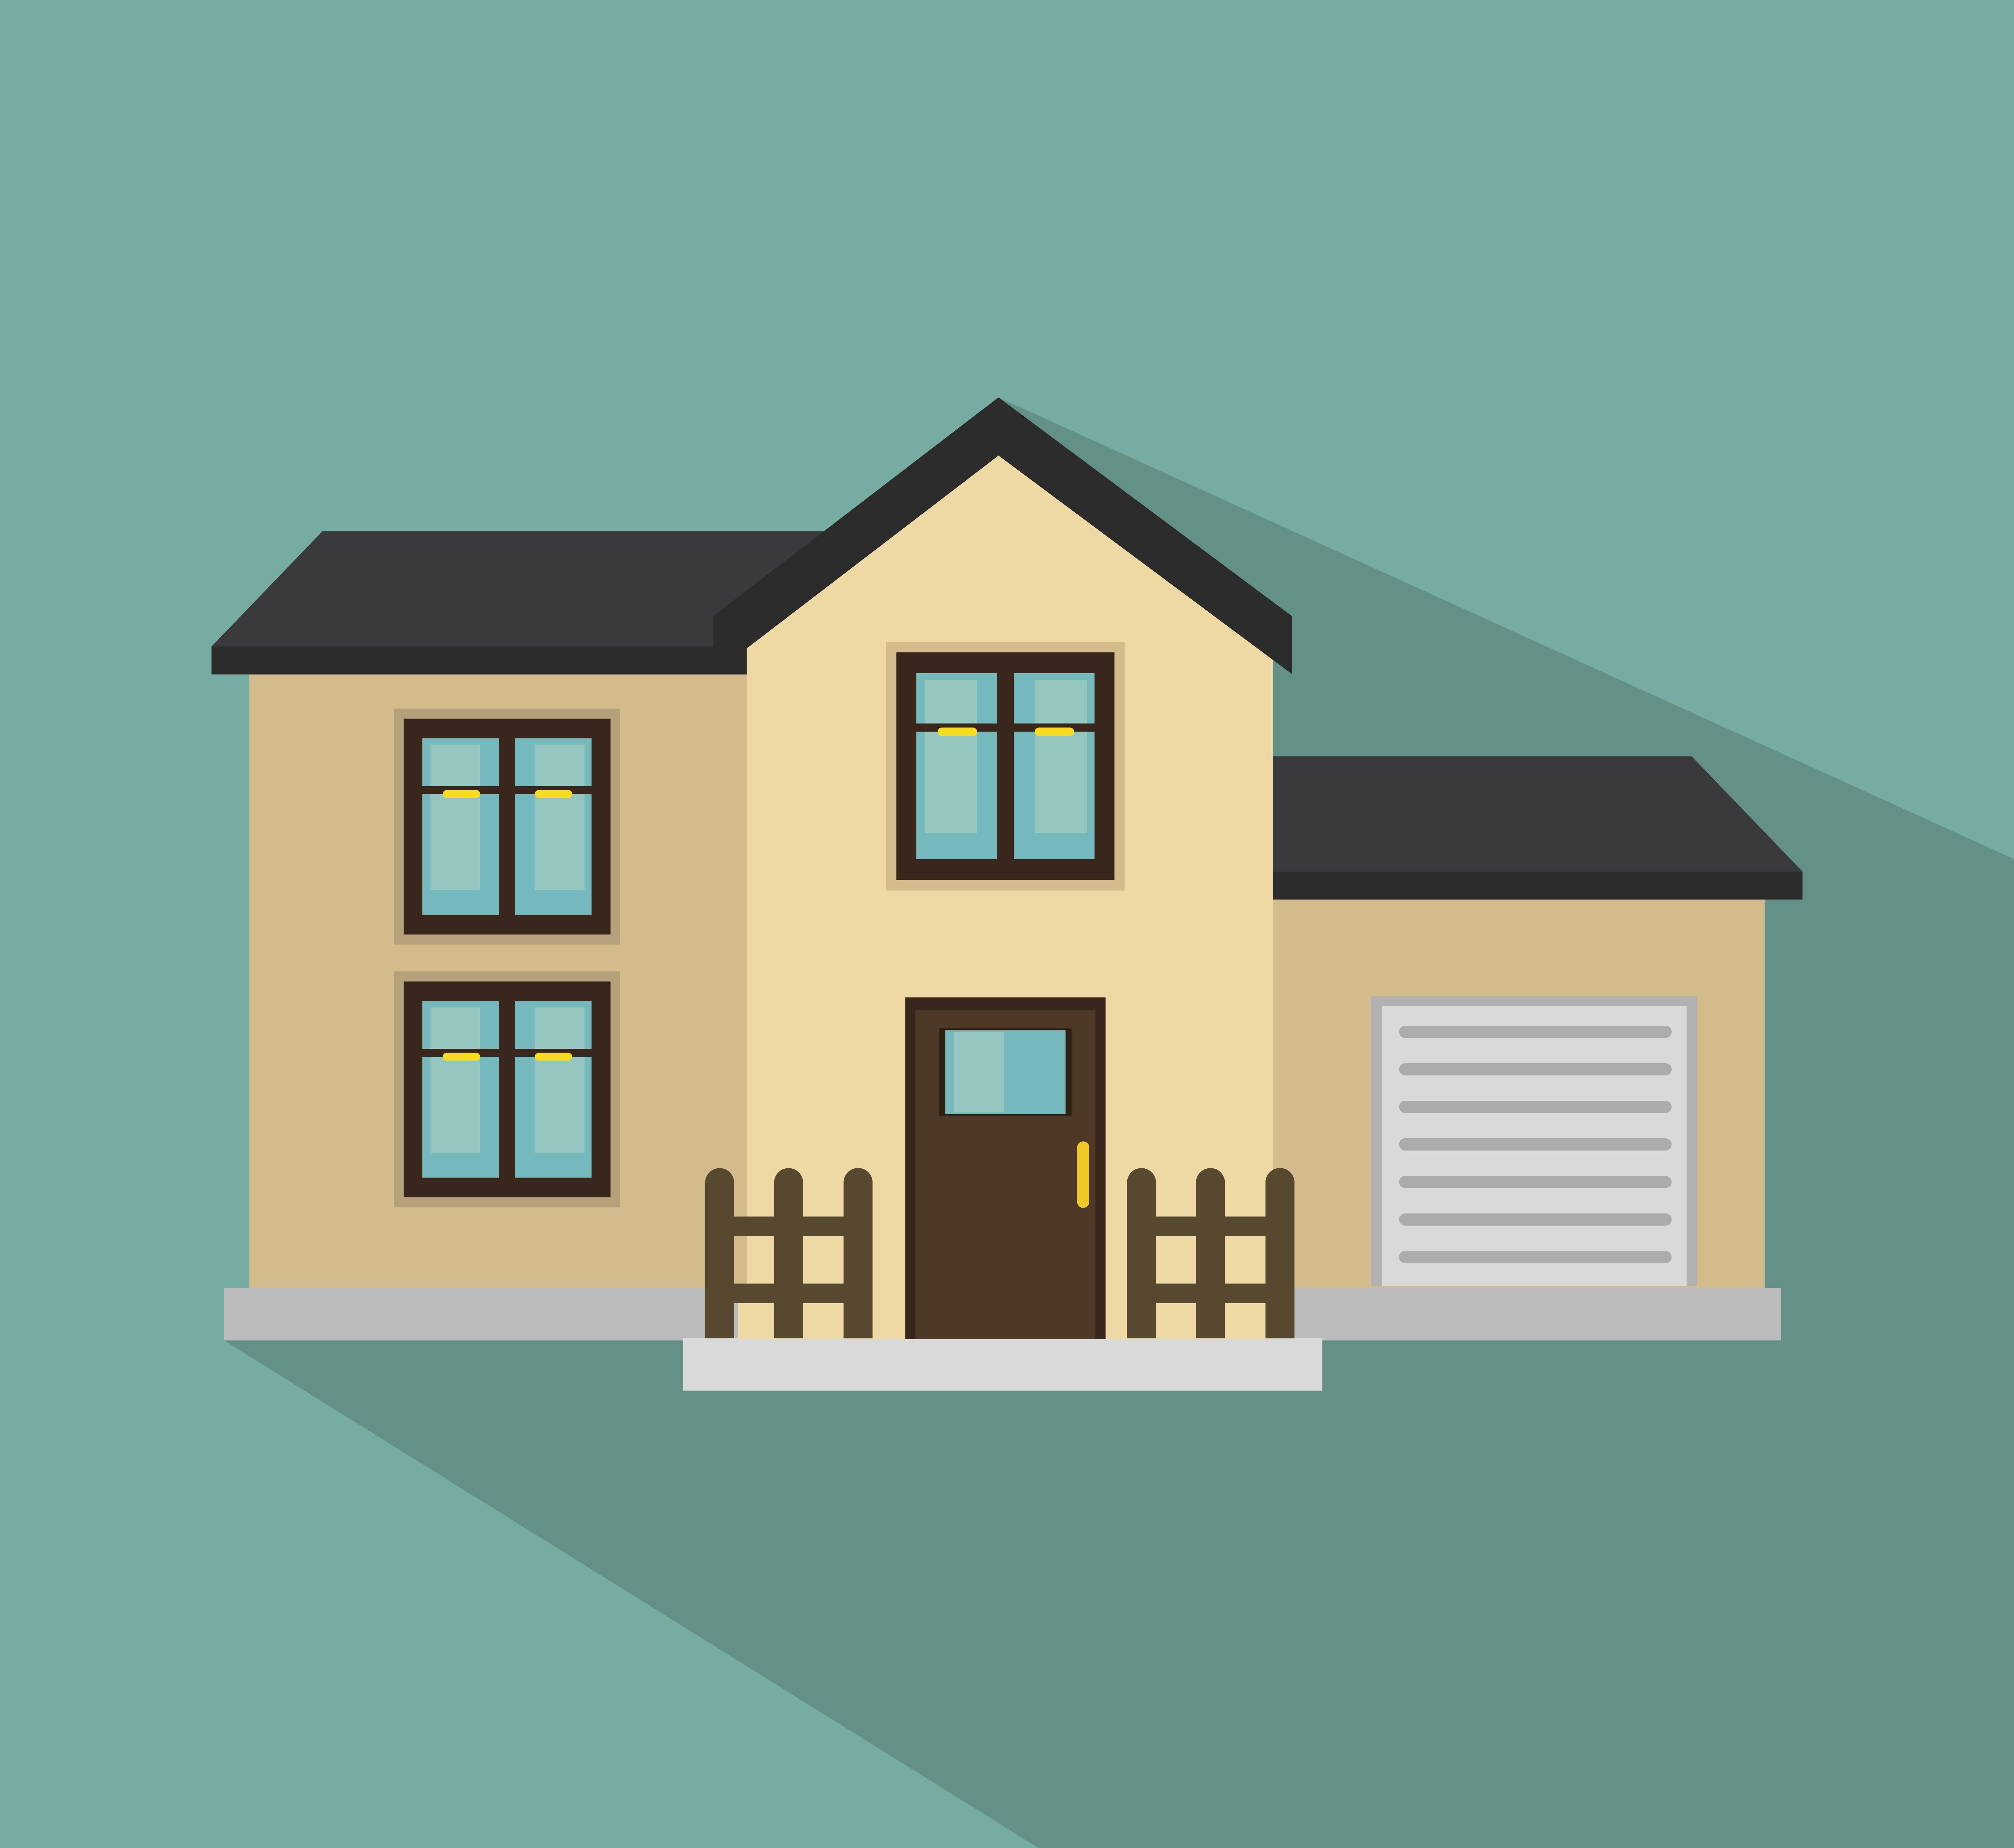 venta vivienda hipotecada